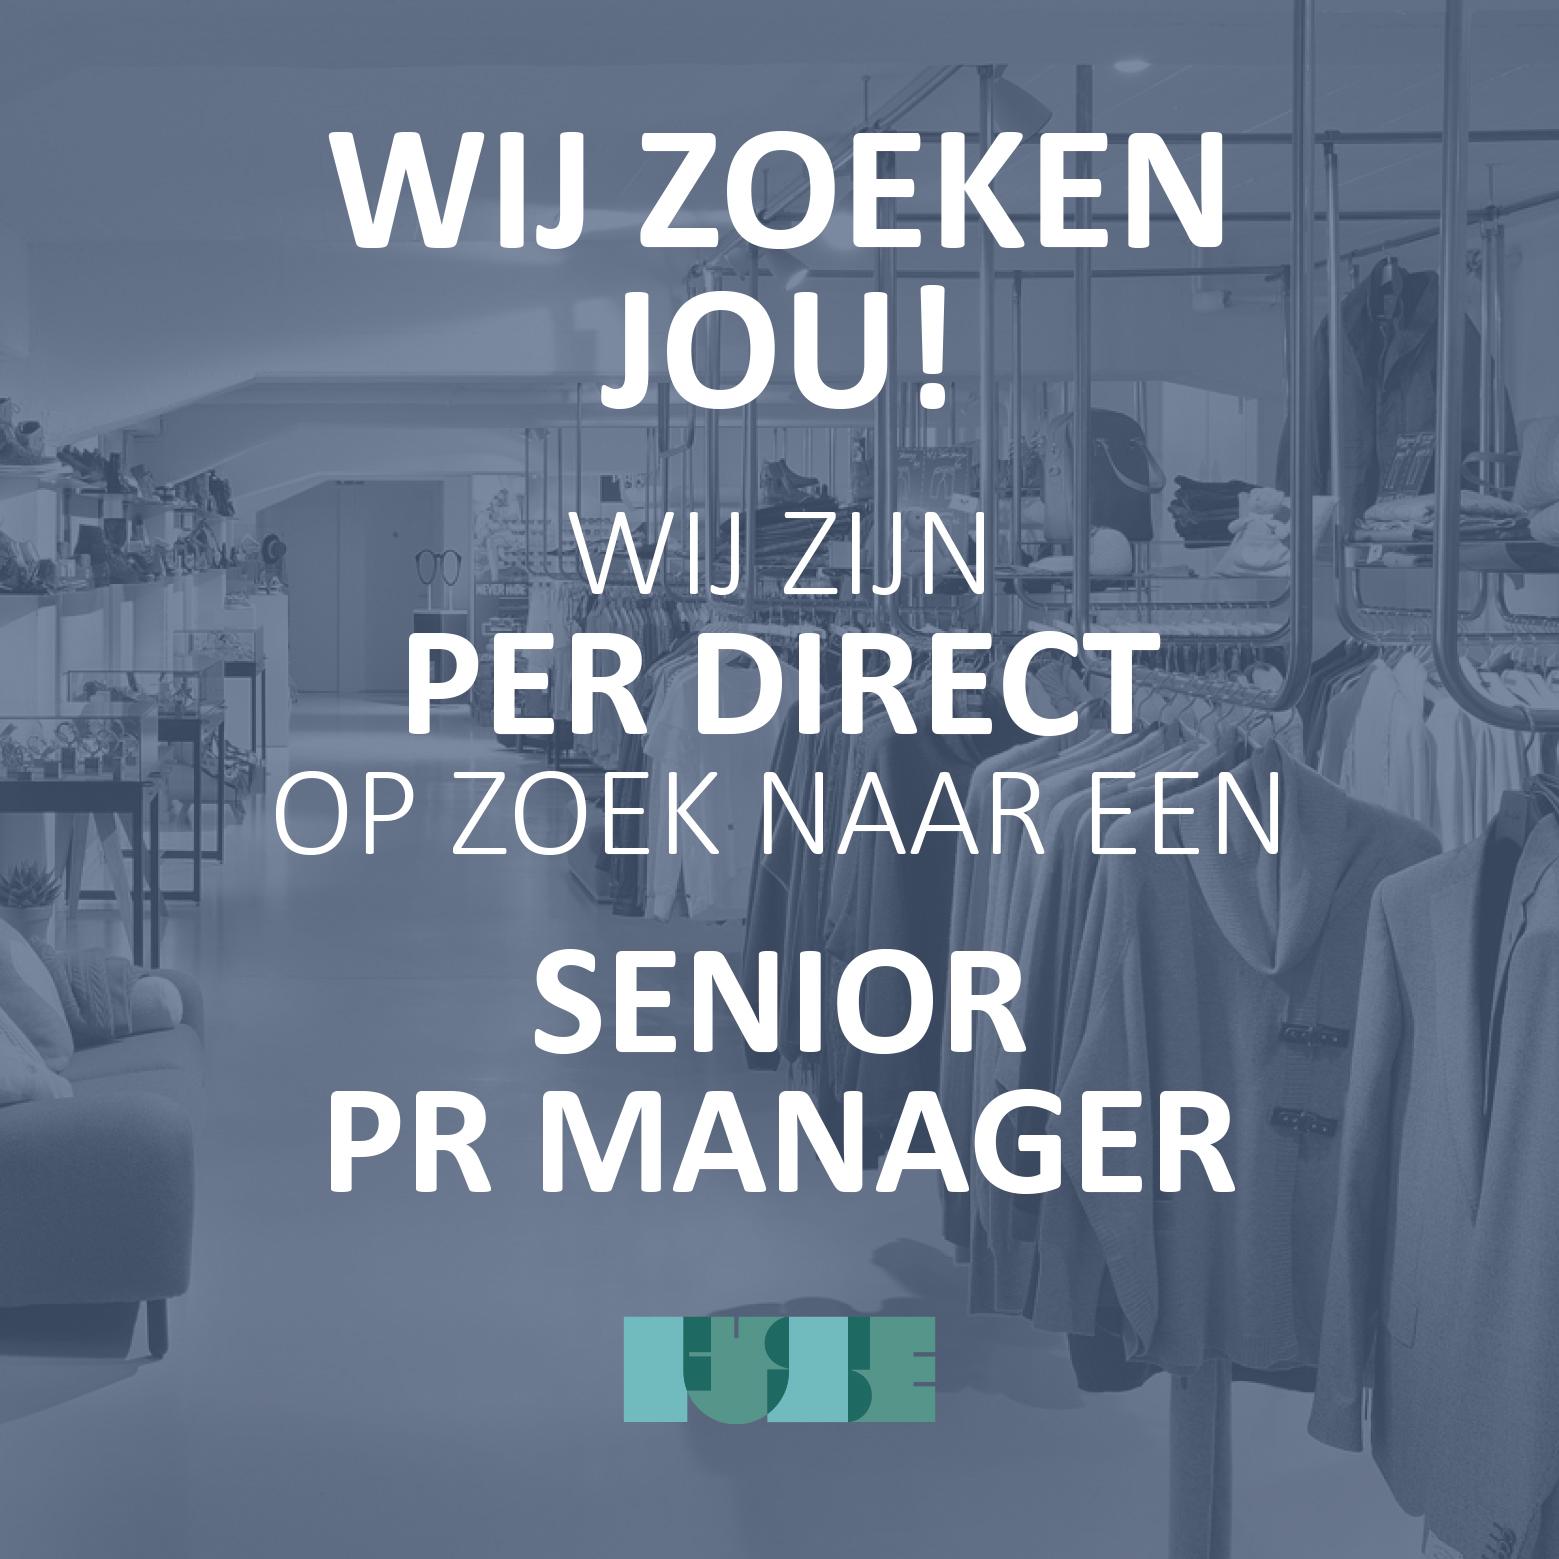 Solliciteren? Stuur dan je CV en motivatiebrief naar info@fuse-communication.com t.a.v. Maaike Wegman